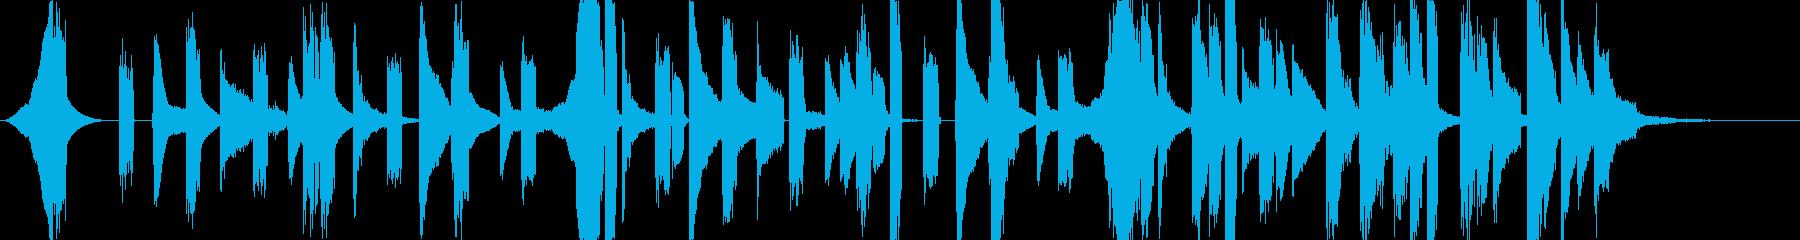 シンセとピアノによる軽快なエレクトロニカの再生済みの波形